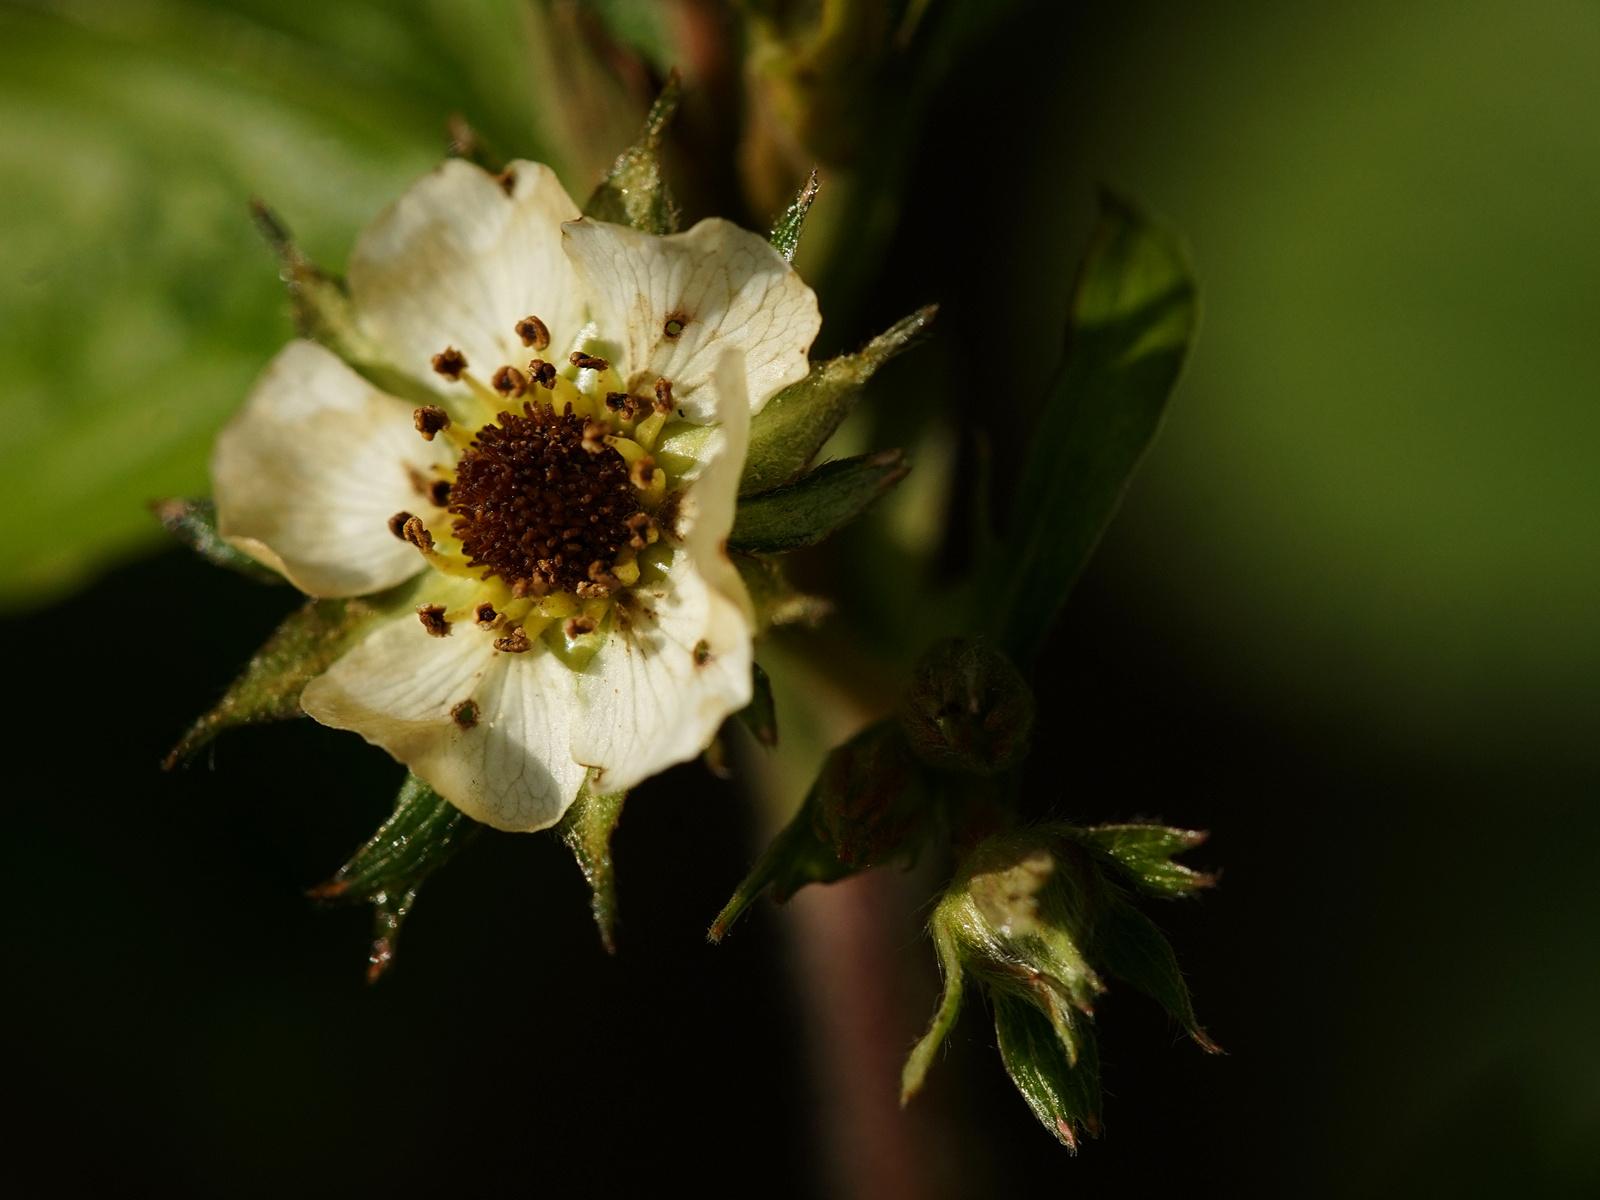 Verfrorene Blüte einer Walderdbeere